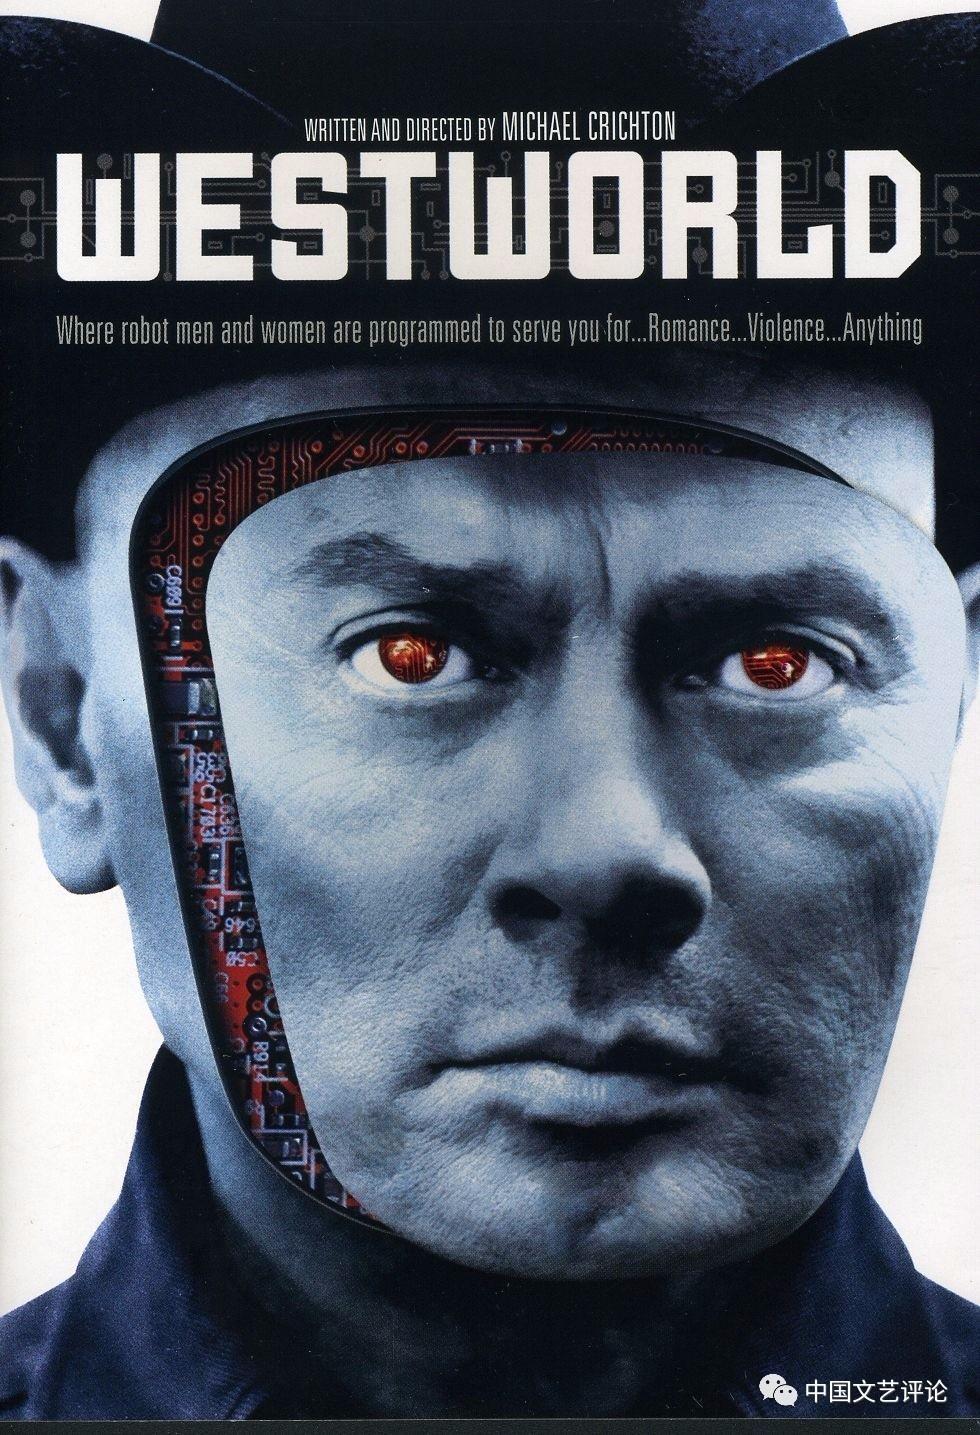 电影《西部世界》